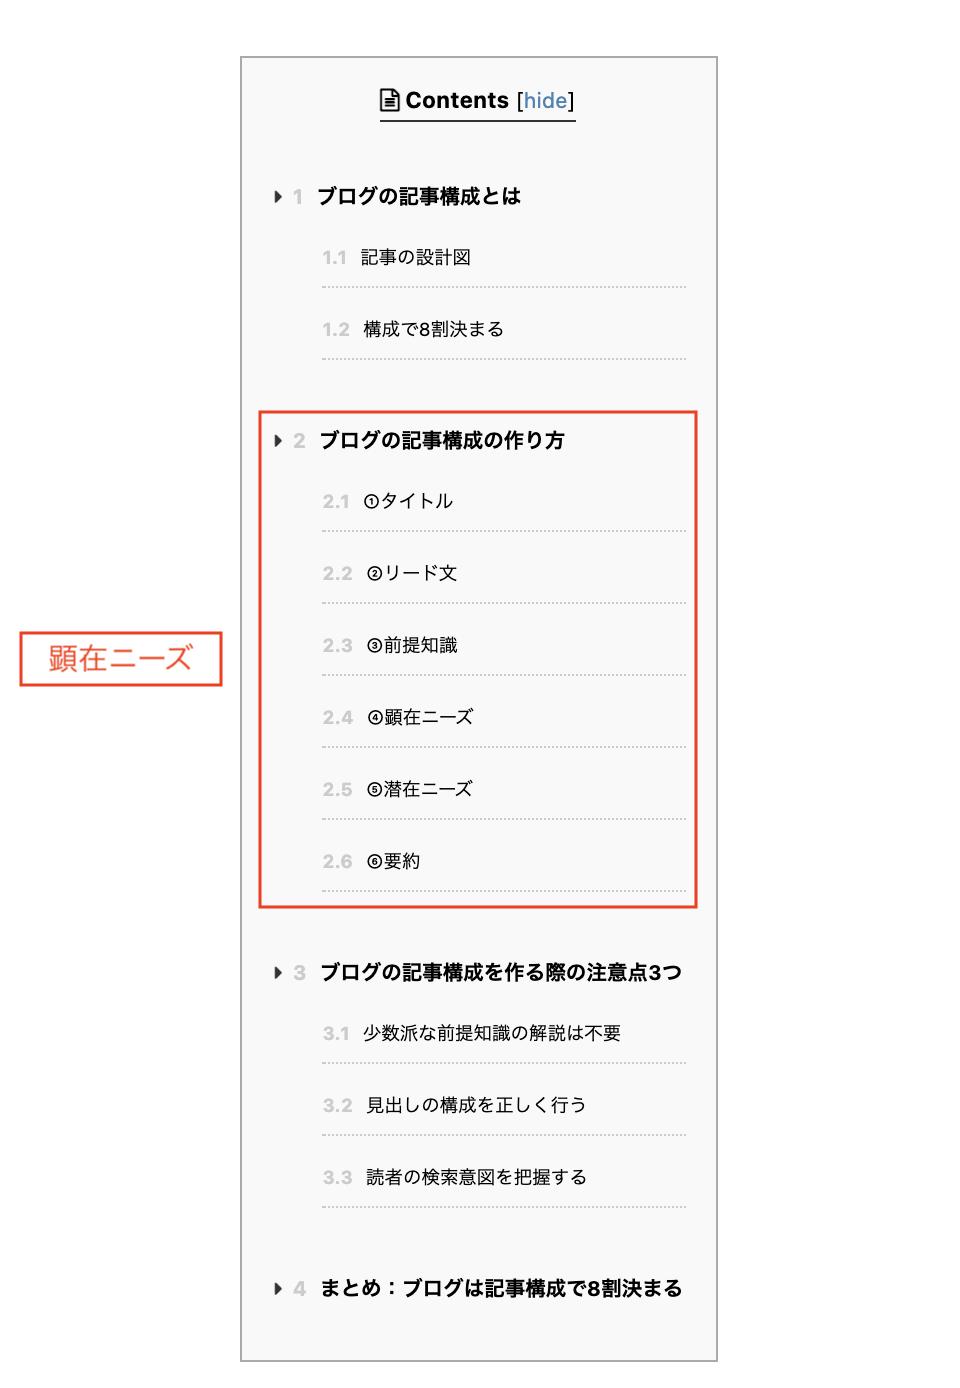 ブログ記事構成(顕在ニーズ)